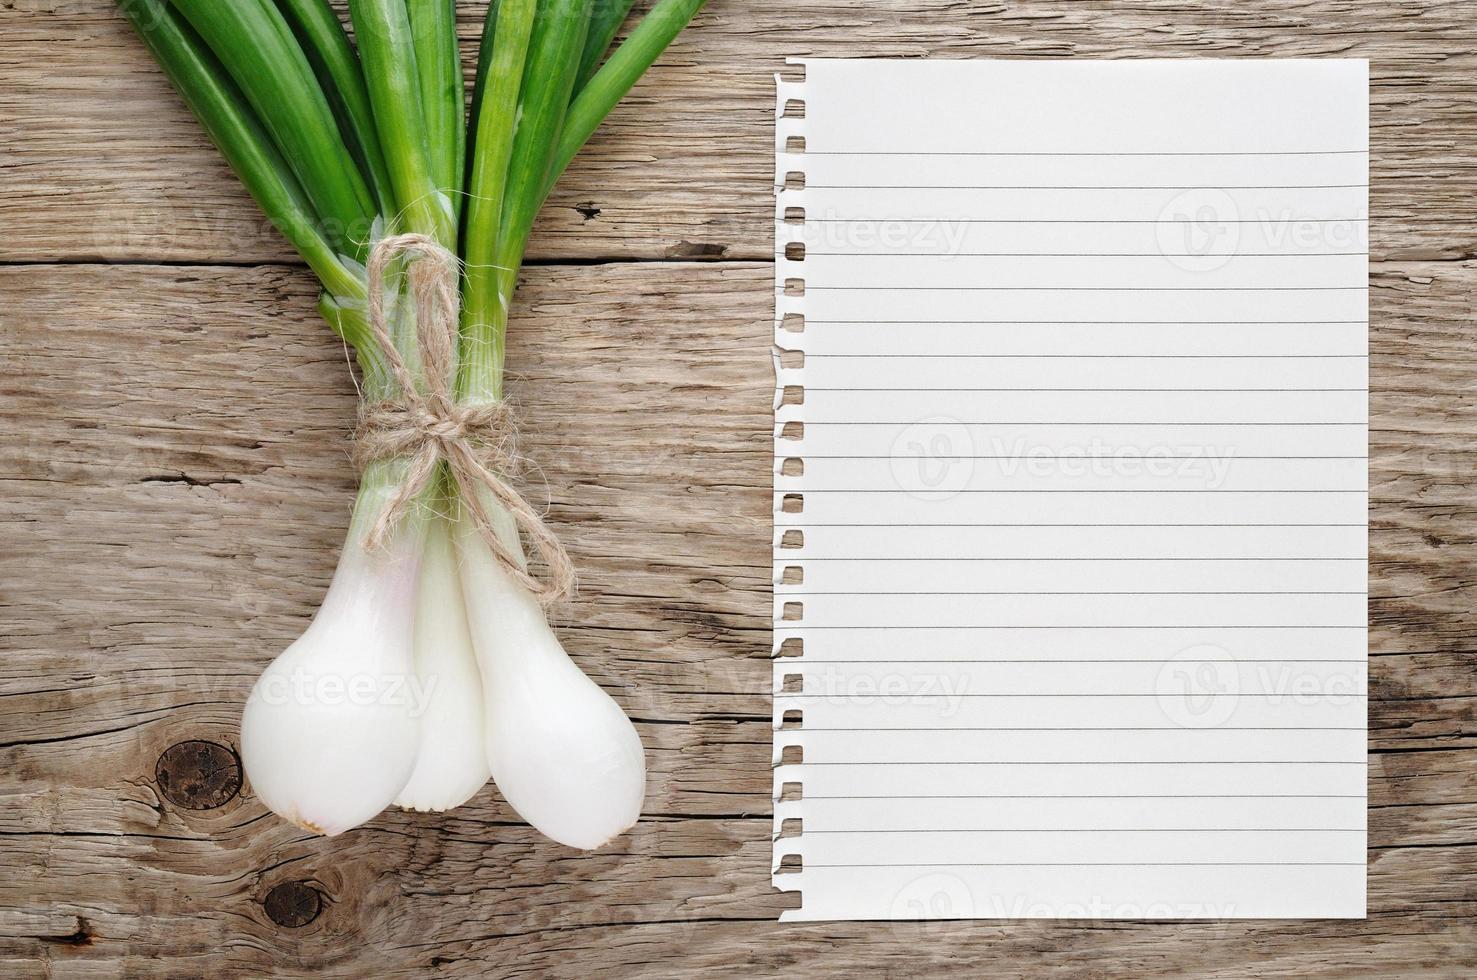 grön lök och papper för recept foto